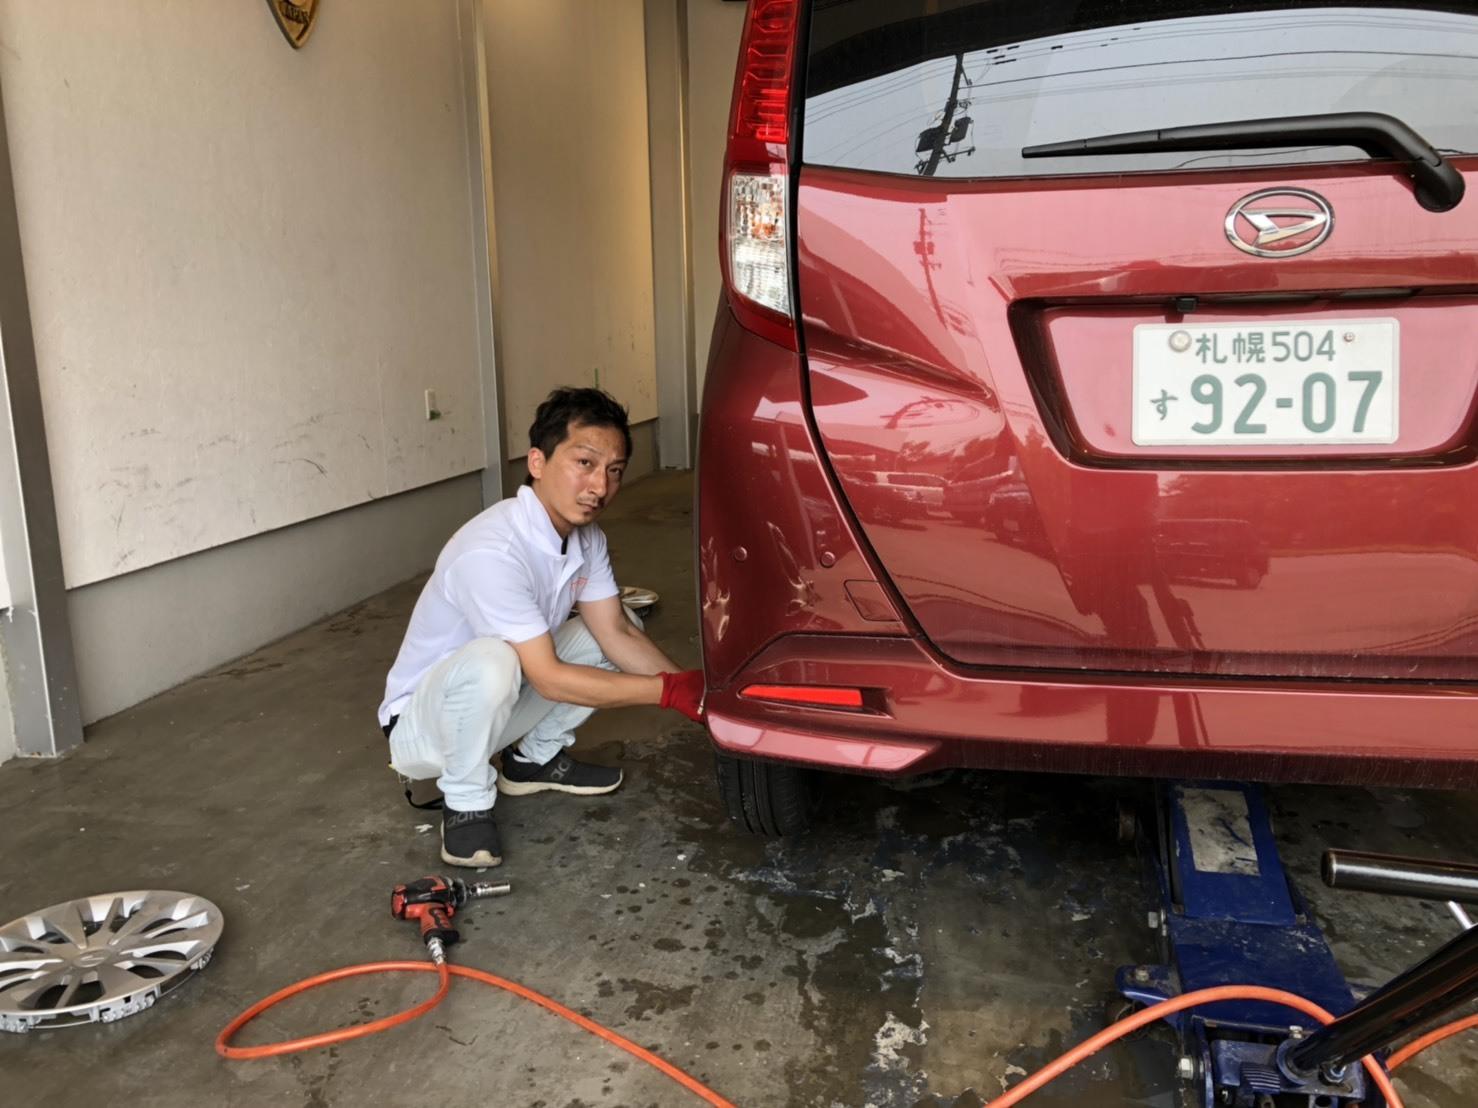 7月10日(水)本店ブログ♪LX570 4WD☆ワンオーナーあります! ランクル ハマー アルファード _b0127002_18493925.jpg